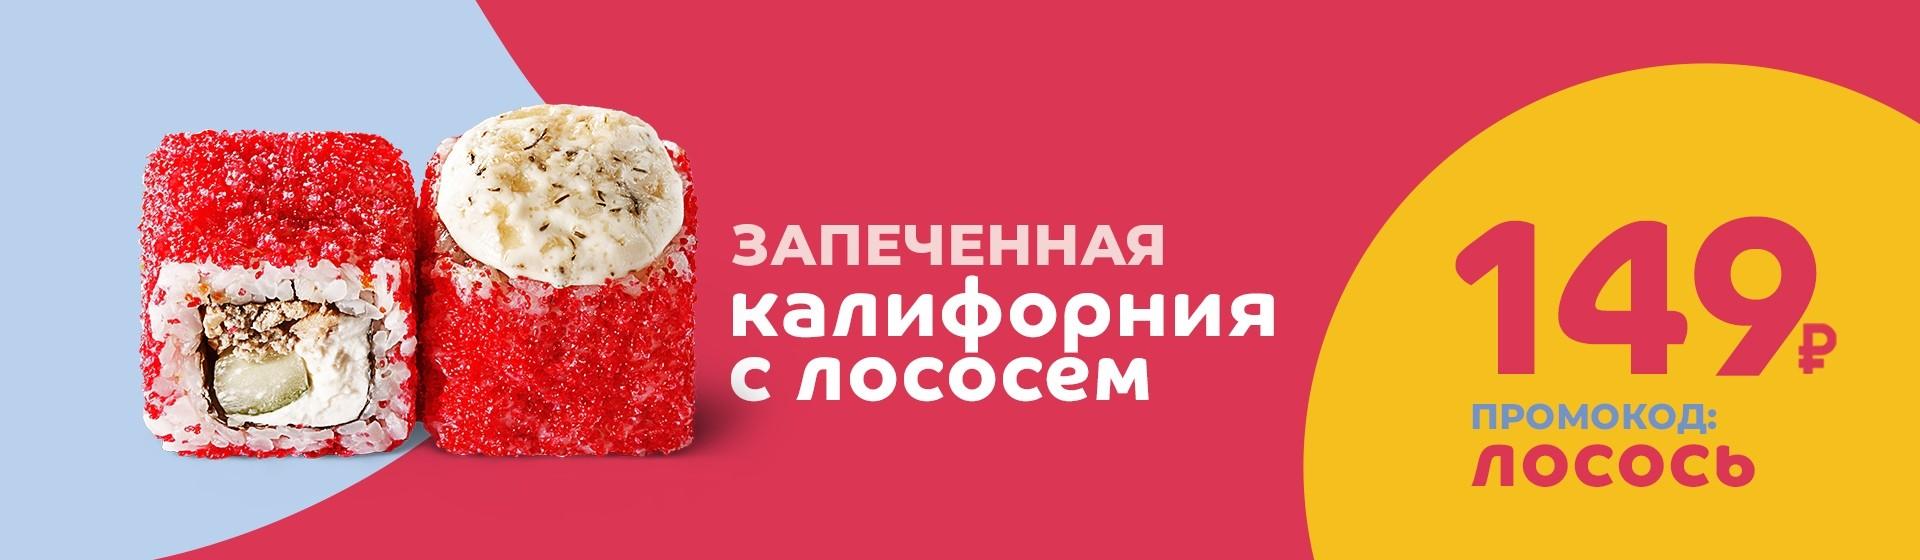 Ролл за 149 рублей